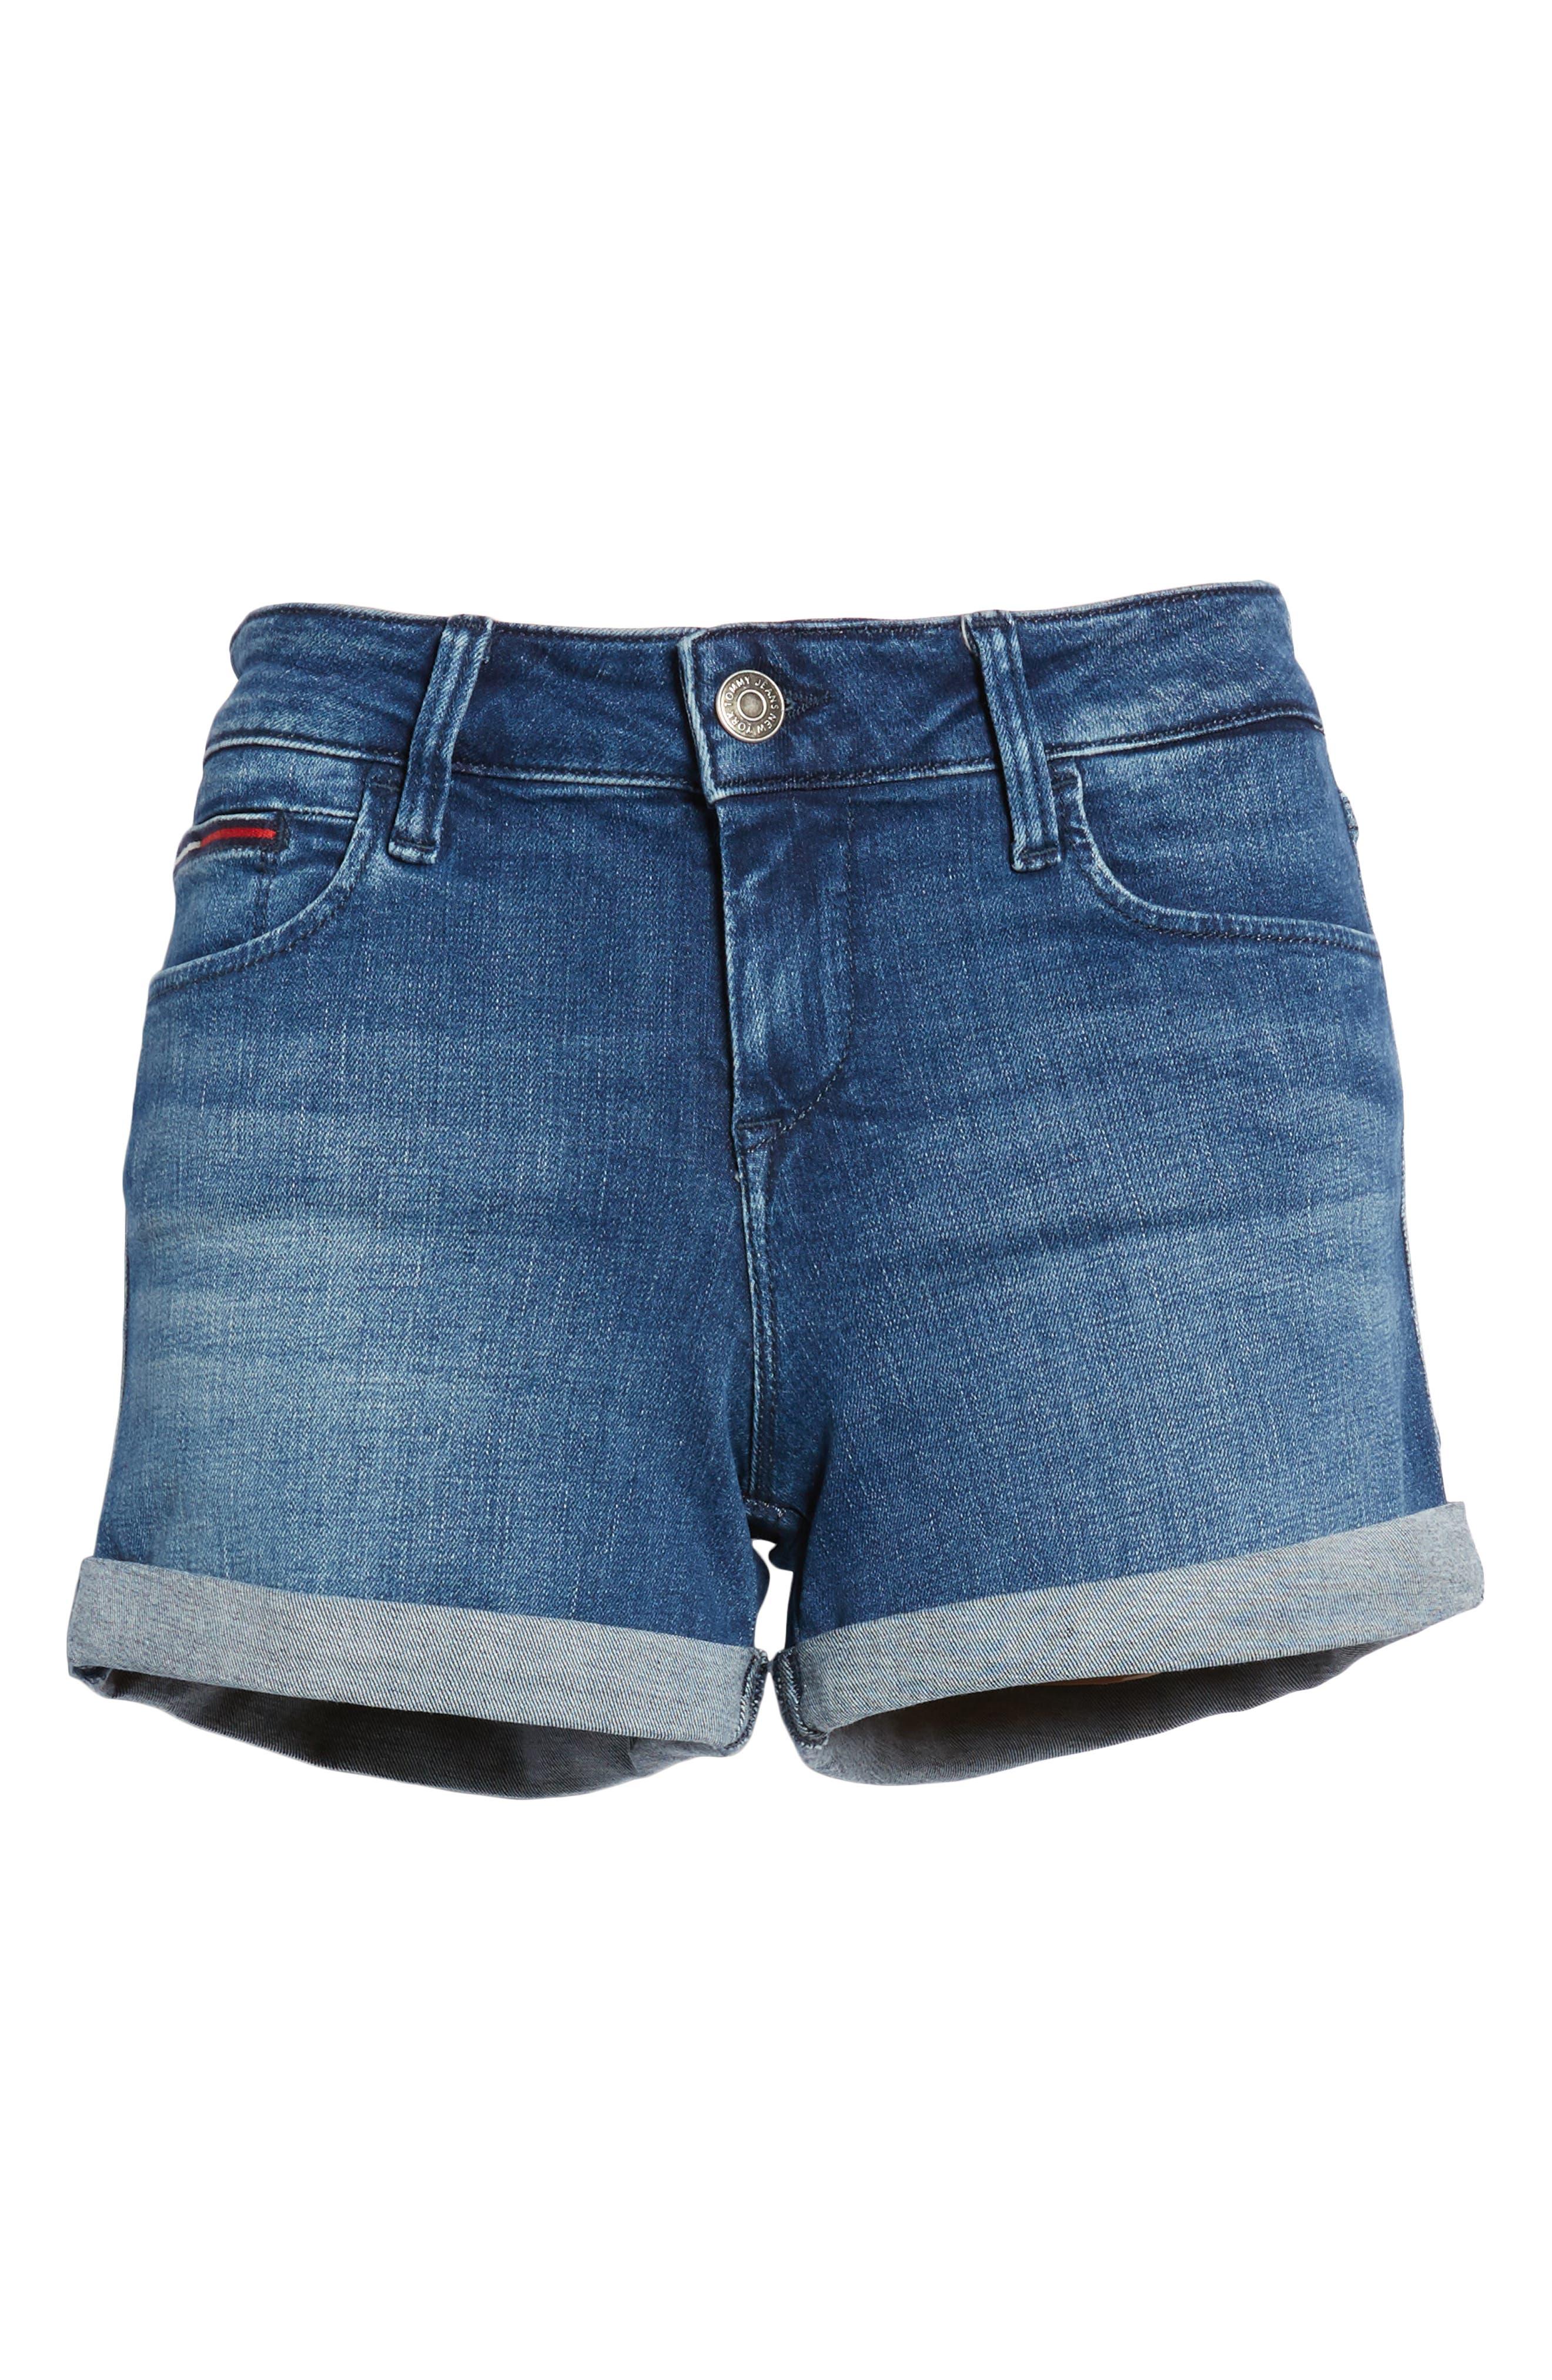 TJW Denim Shorts,                             Alternate thumbnail 7, color,                             400